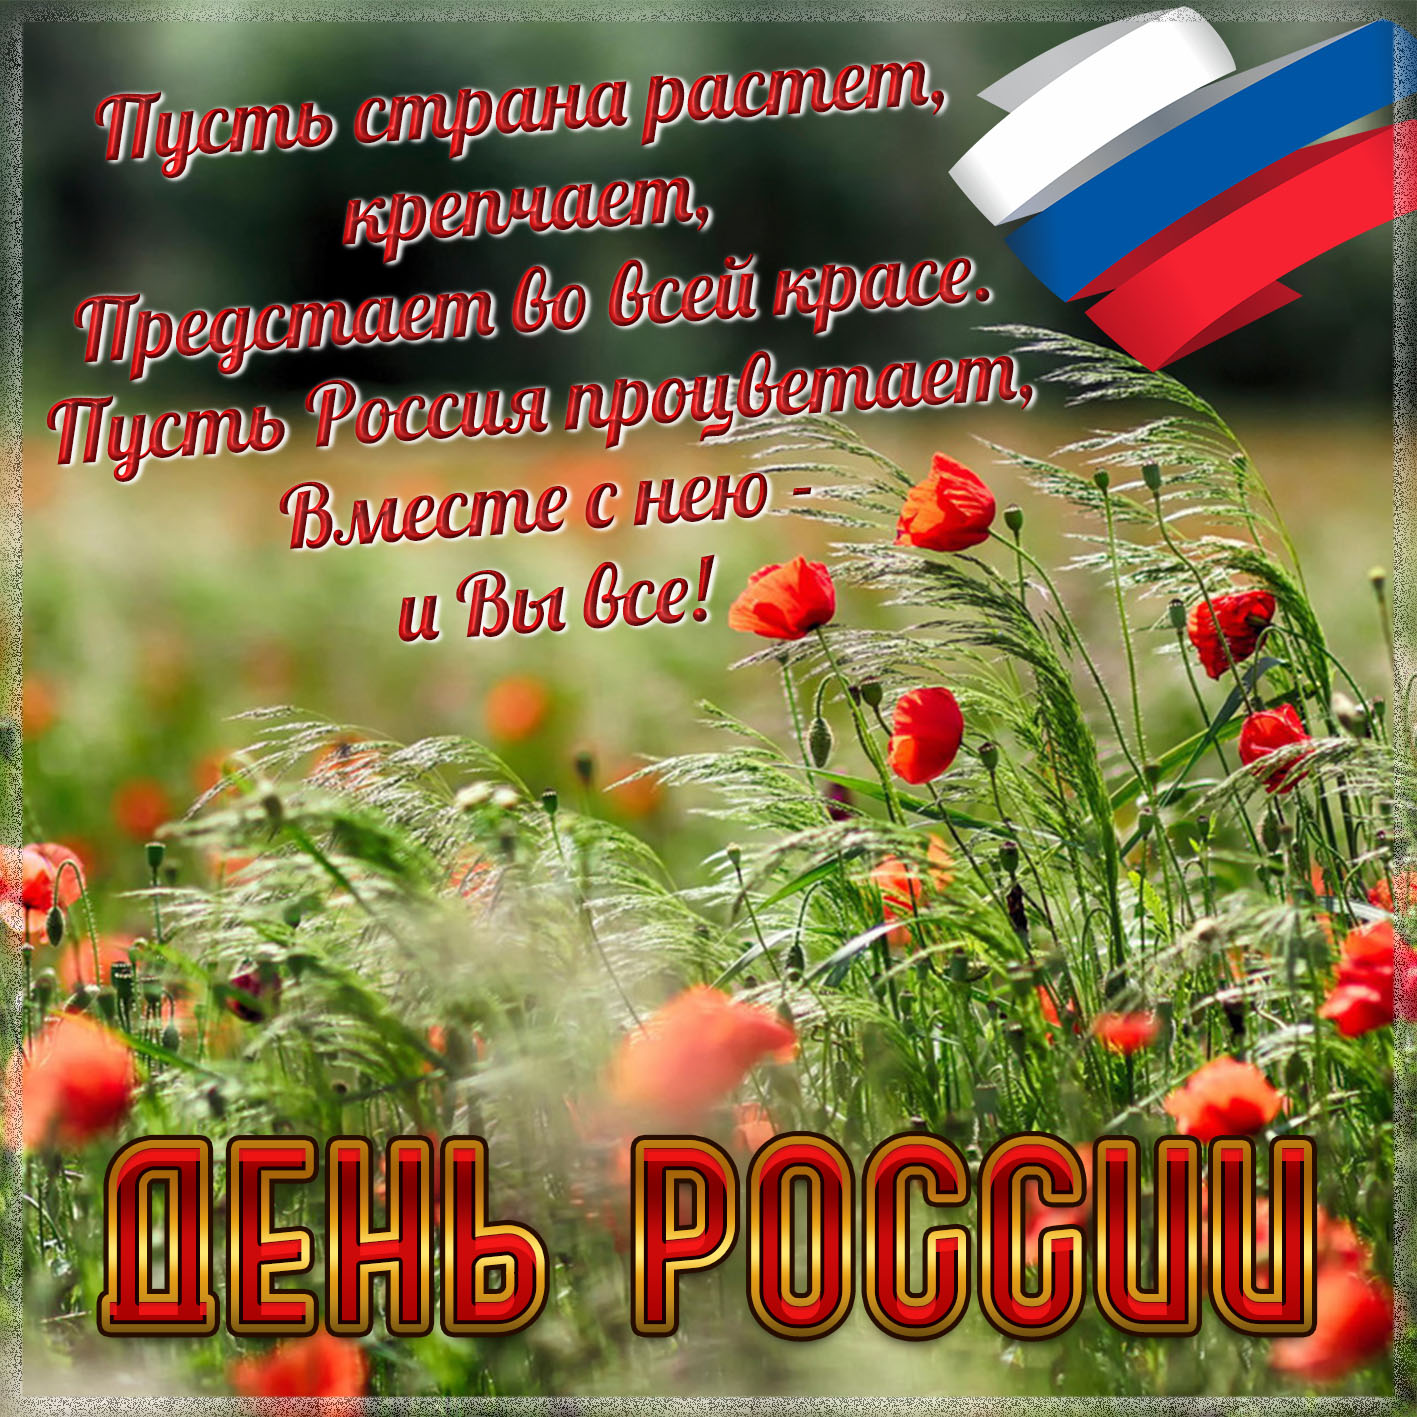 фотосъемки поздравления дня россии 12 июня диетологи считают